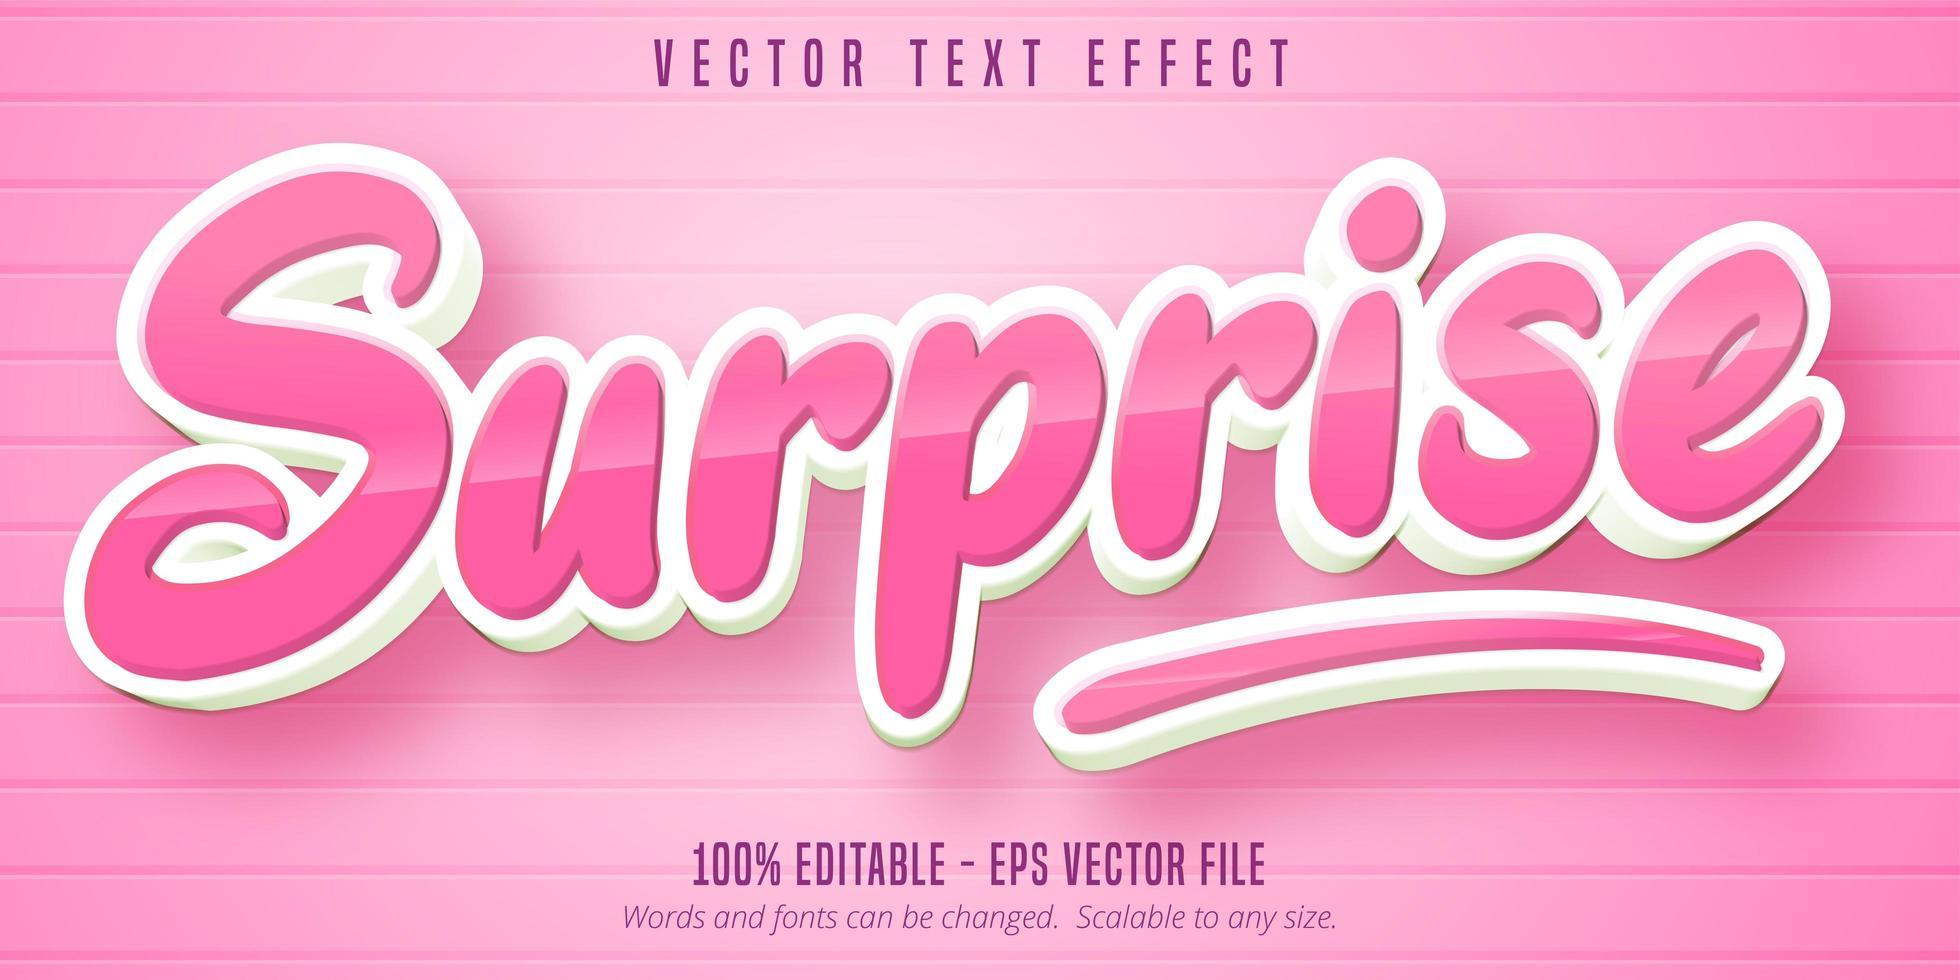 blank rosa överraskning tecknad stil redigerbar texteffekt vektor